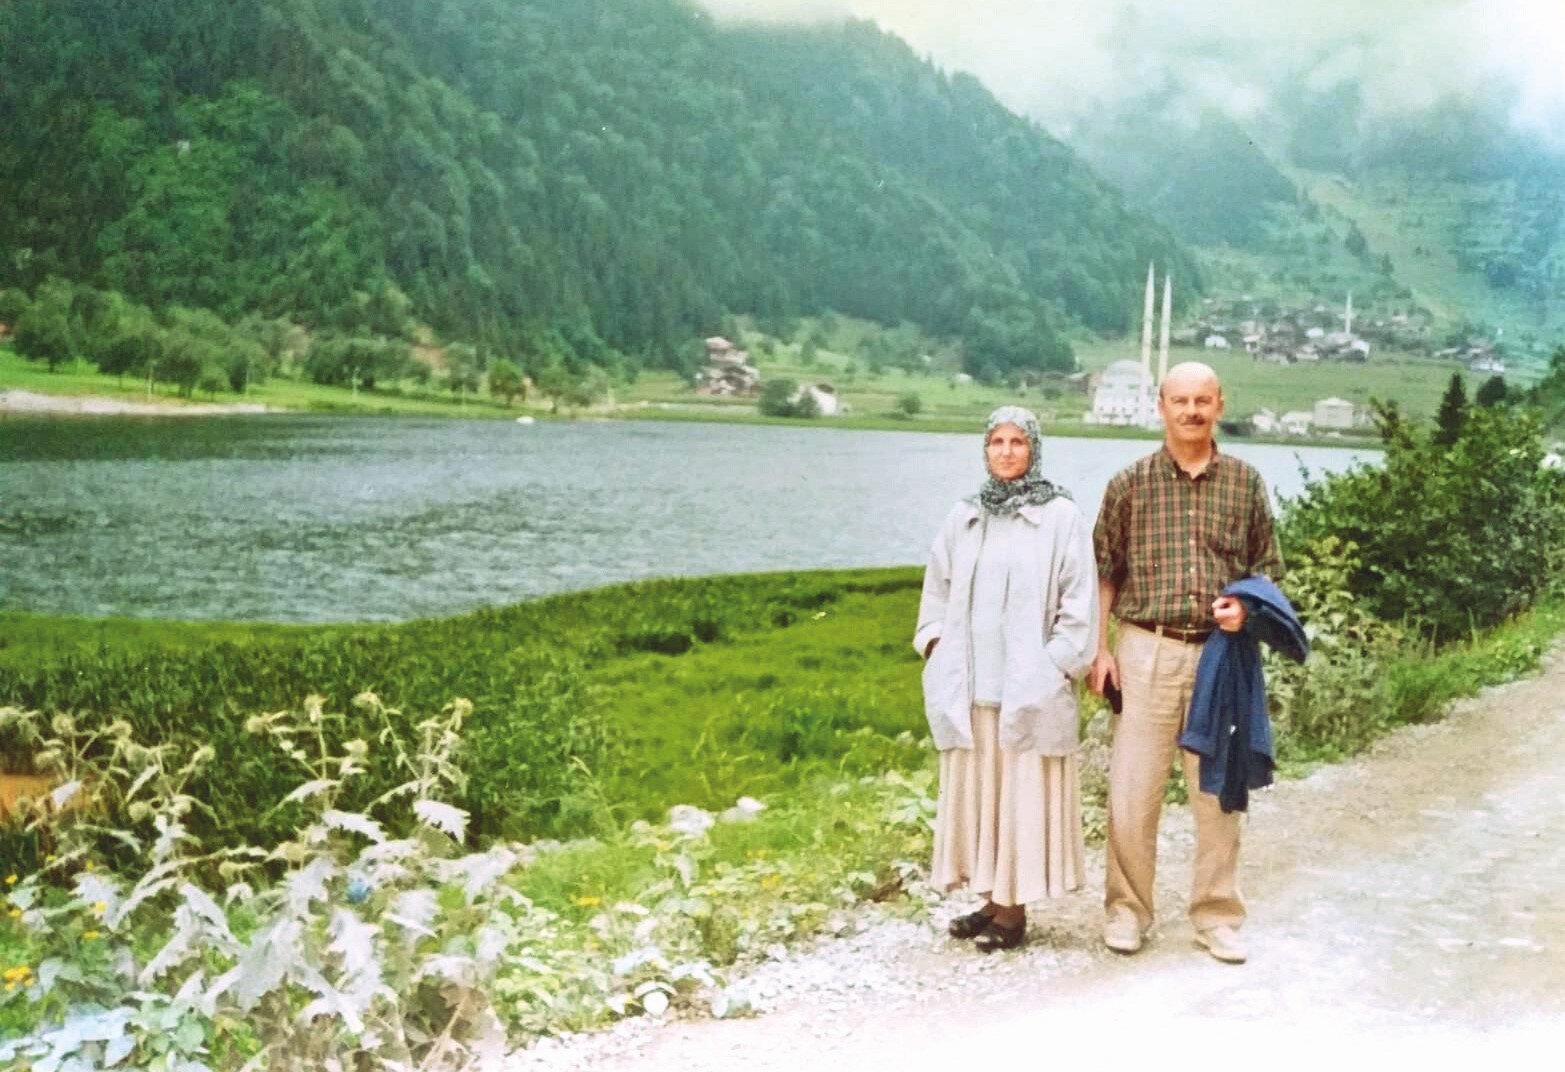 Rize-Uzungöl 1987 Gölün bugünkü fotoğrafını koymak istemedim. Çünkü: Bâ'de harâbi'l-Basra.